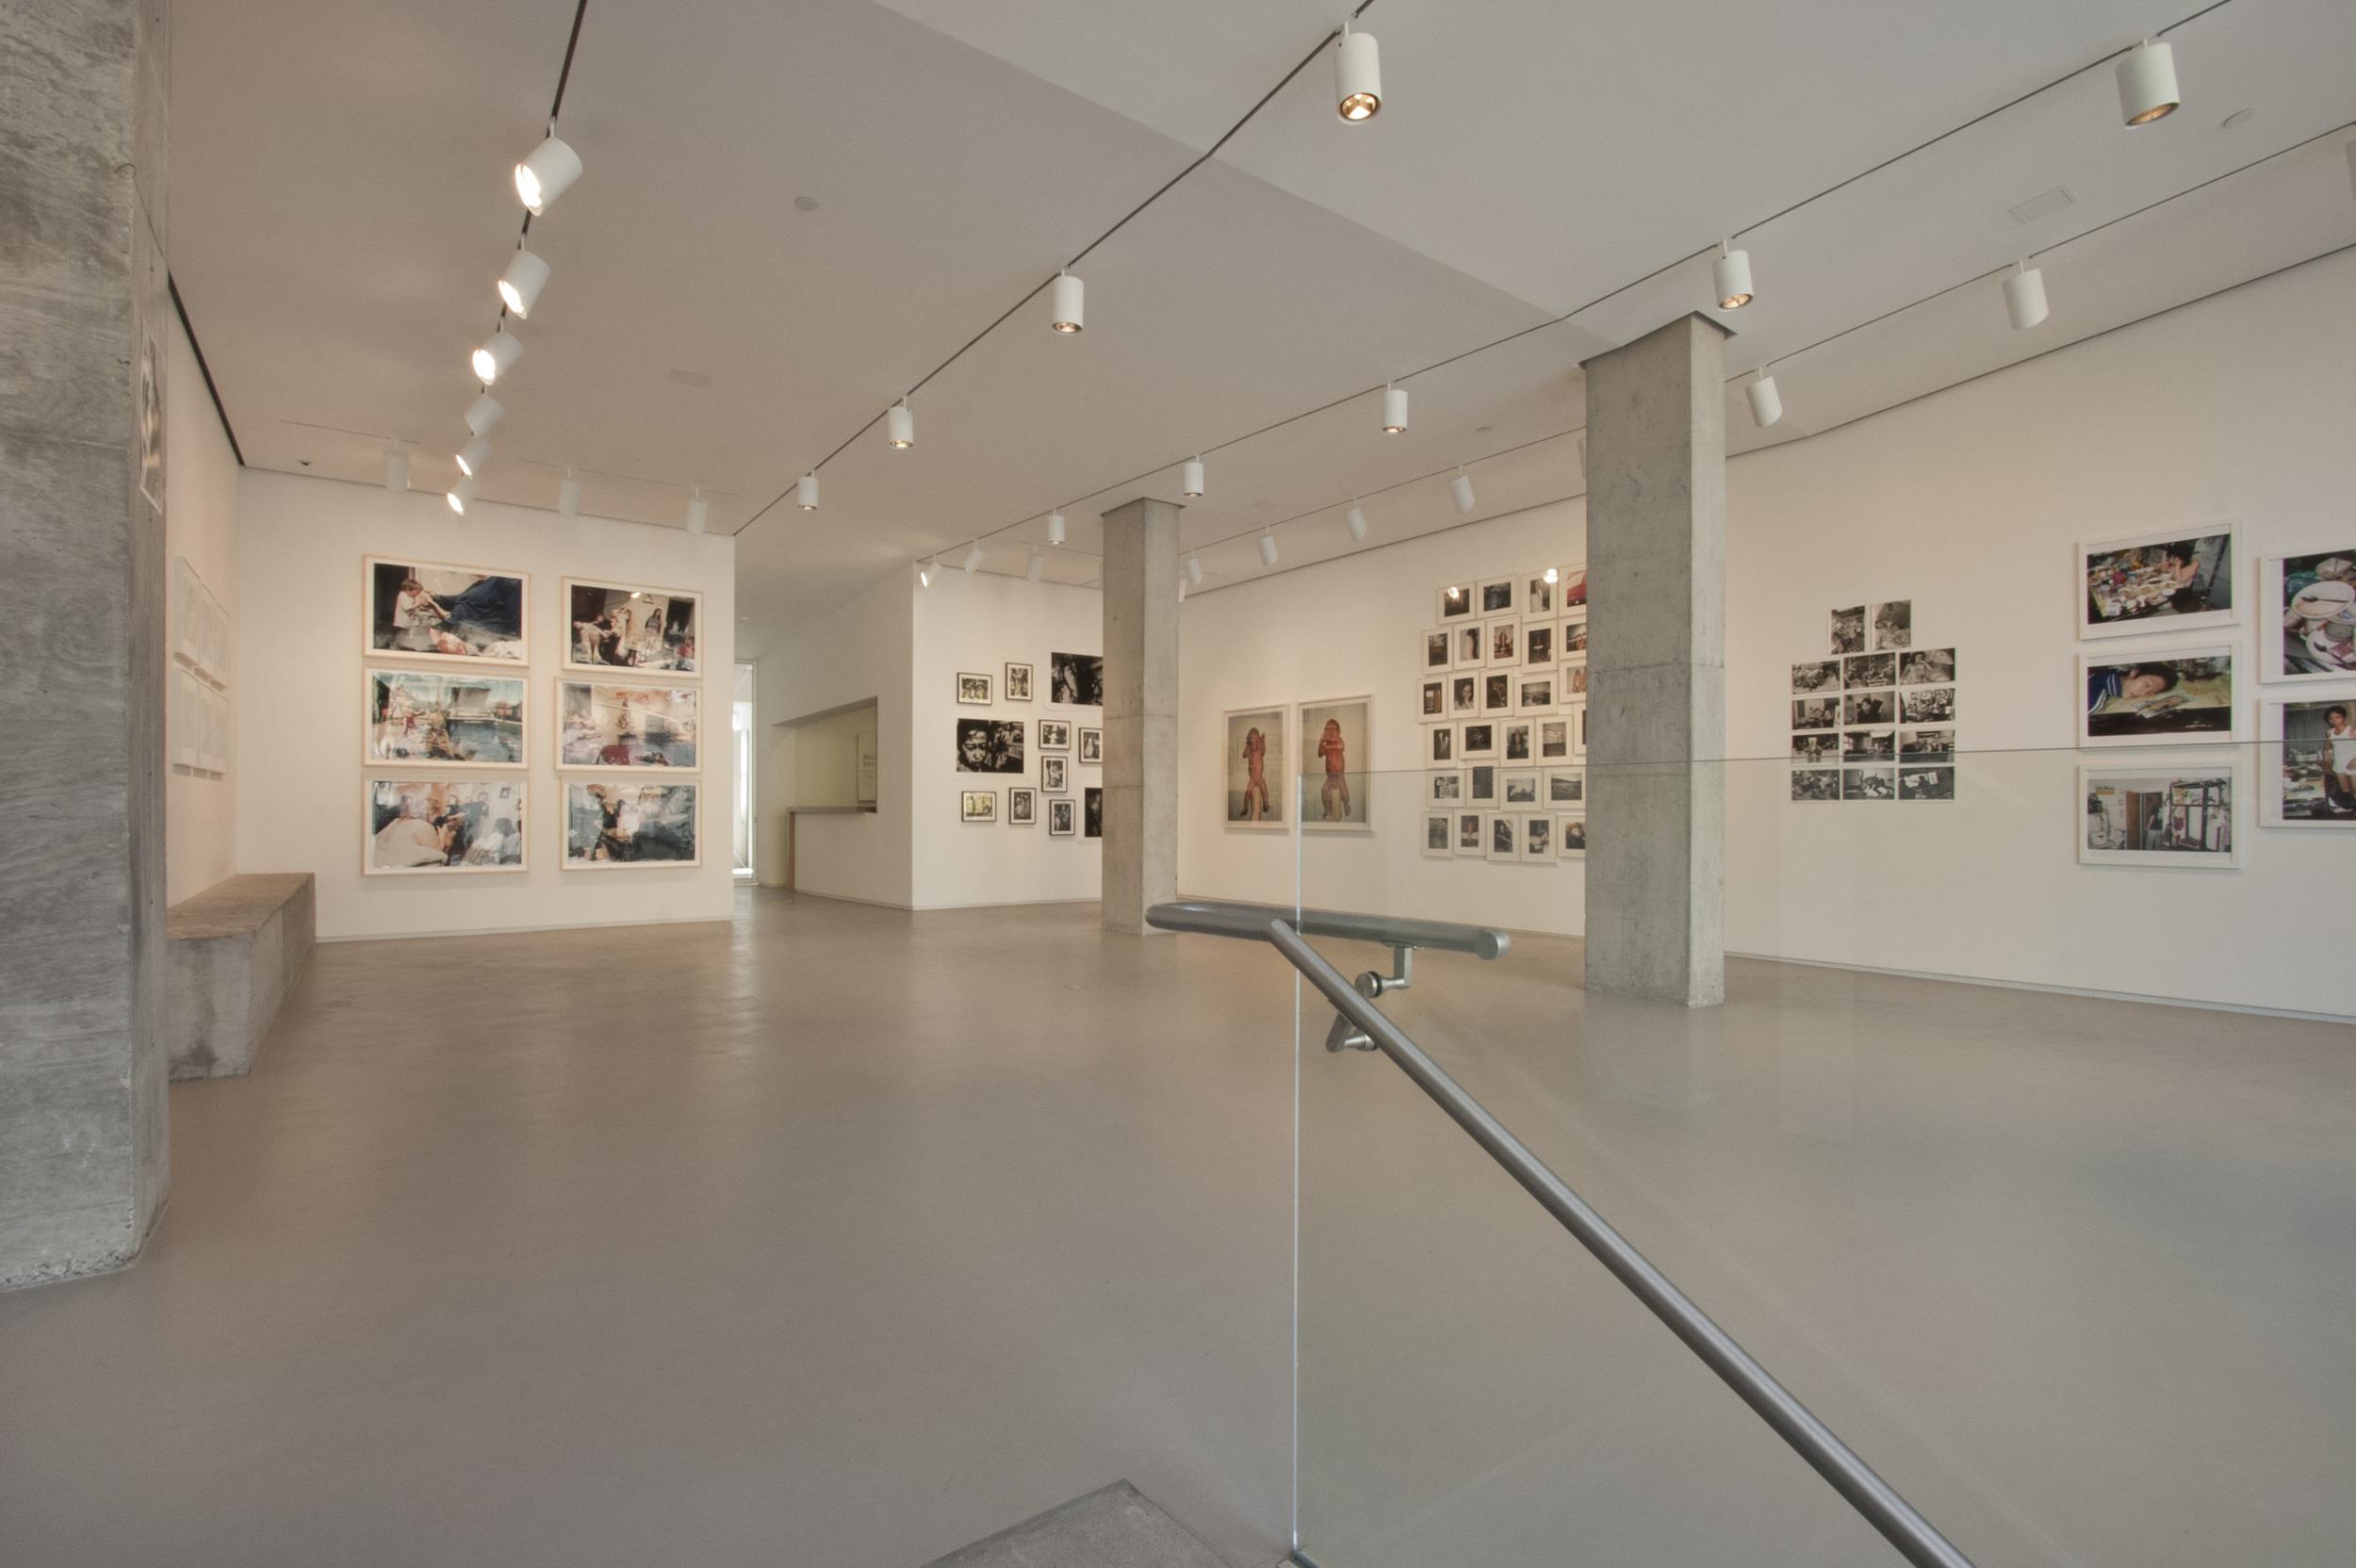 Art Gallery: Lombard Freid - 19th Street